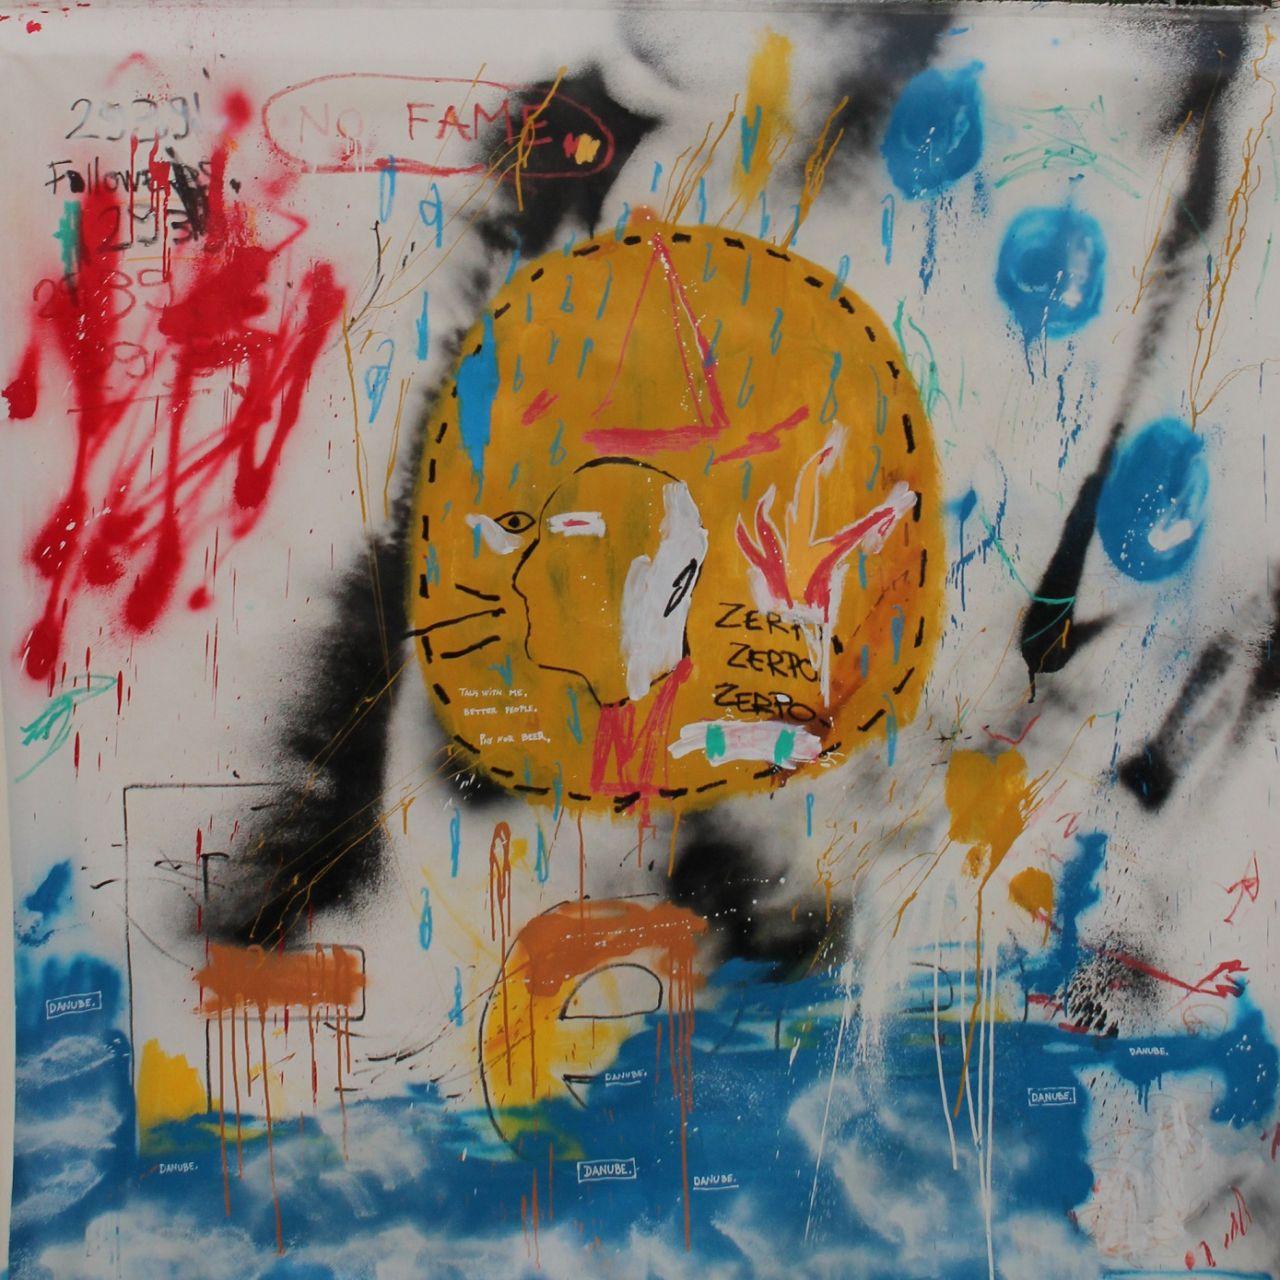 Изложба графита Војислава Павловића од 26. јула у Ликовном салону